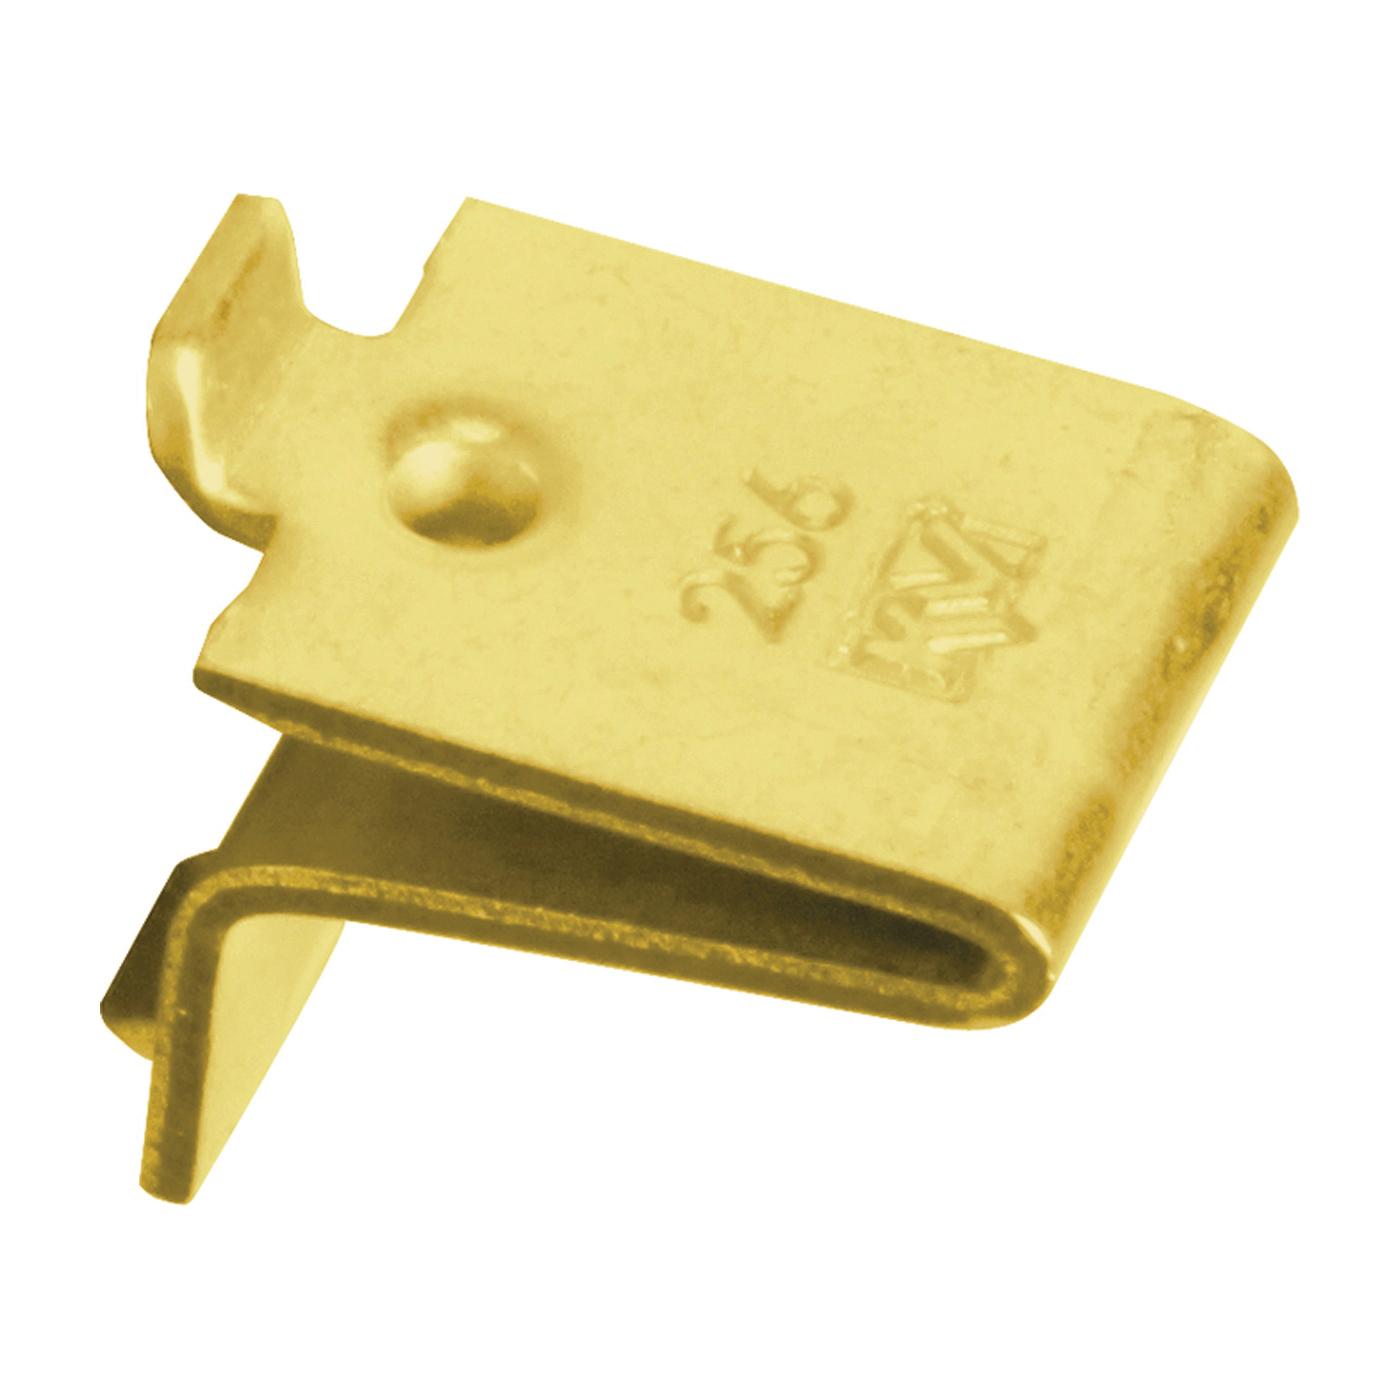 Picture of Knape & Vogt 256 BR Pilaster Shelf Support Clip, Adjustable, Steel, 100, Mortise Mounting